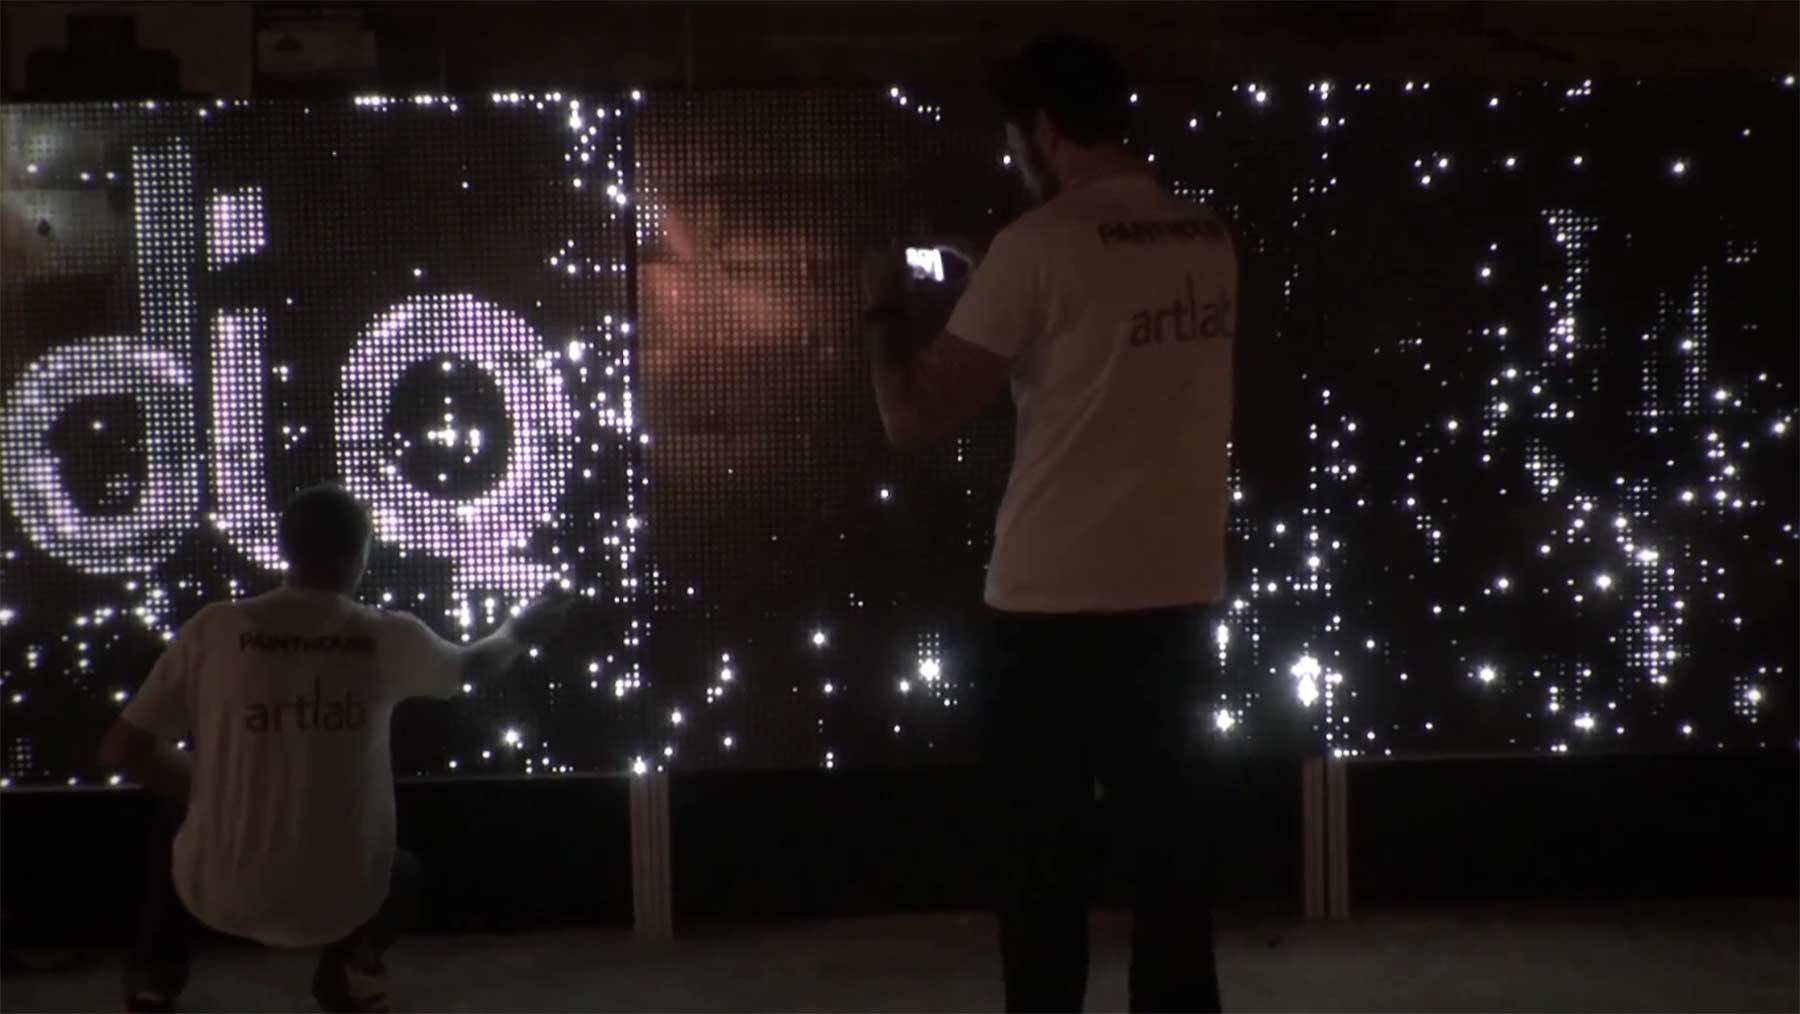 An einer LED-Wand wasseraktivierte Lichtbilder malen Water-light-graffiti